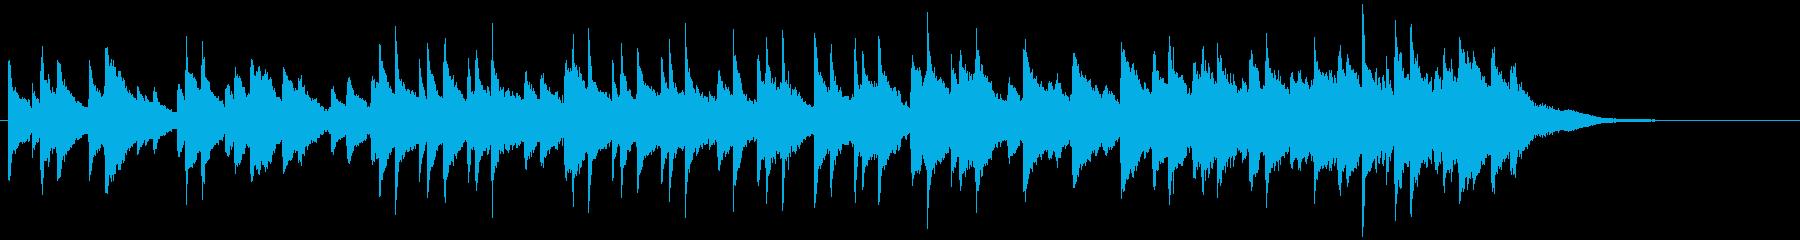 《アルルの女》より カリヨン(ビゼー)の再生済みの波形